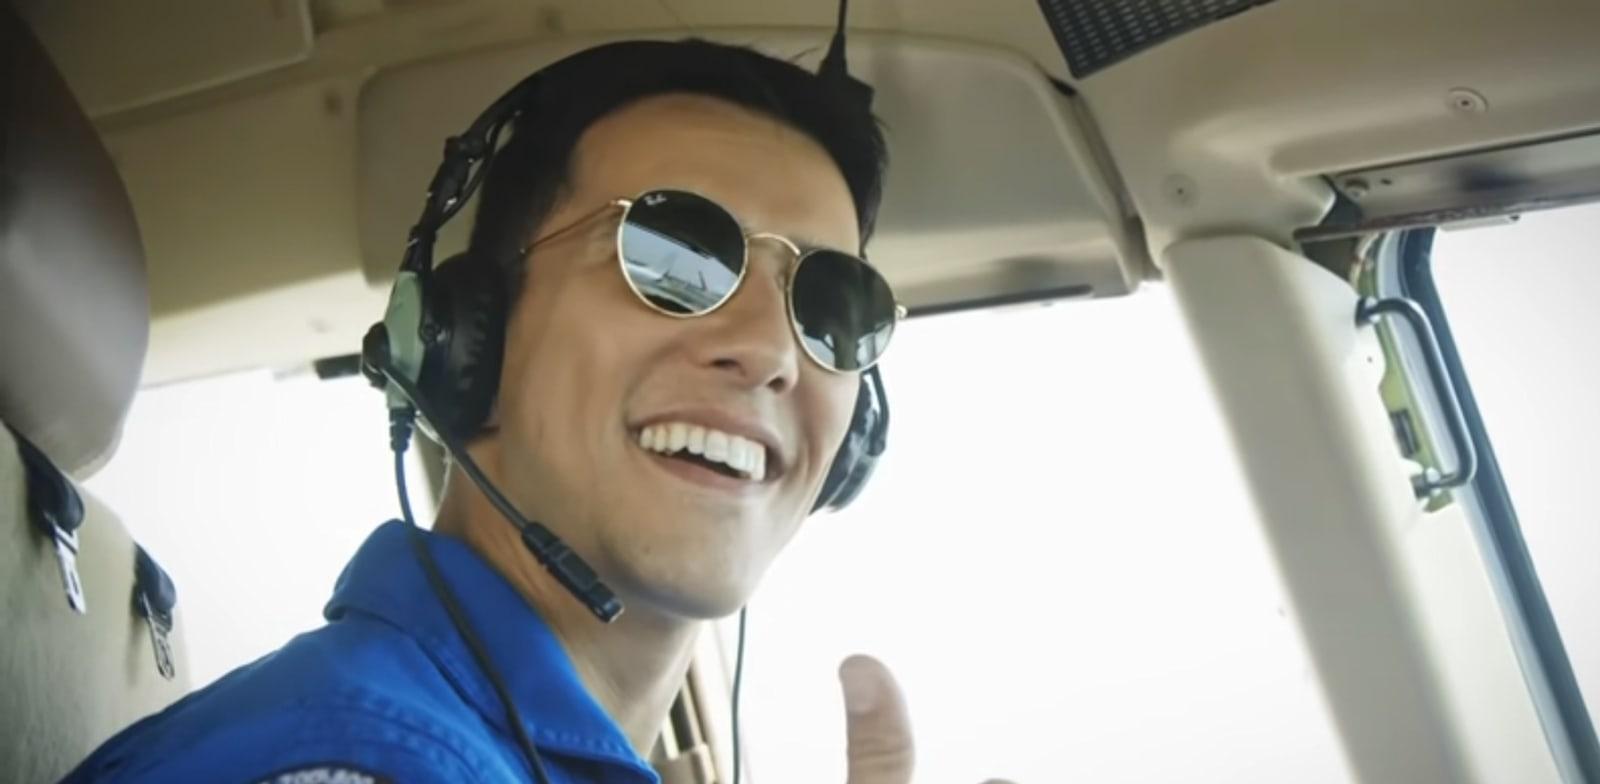 הראל סקעת בקמפיין התעשייה האווירית / צילום: יוטיוב